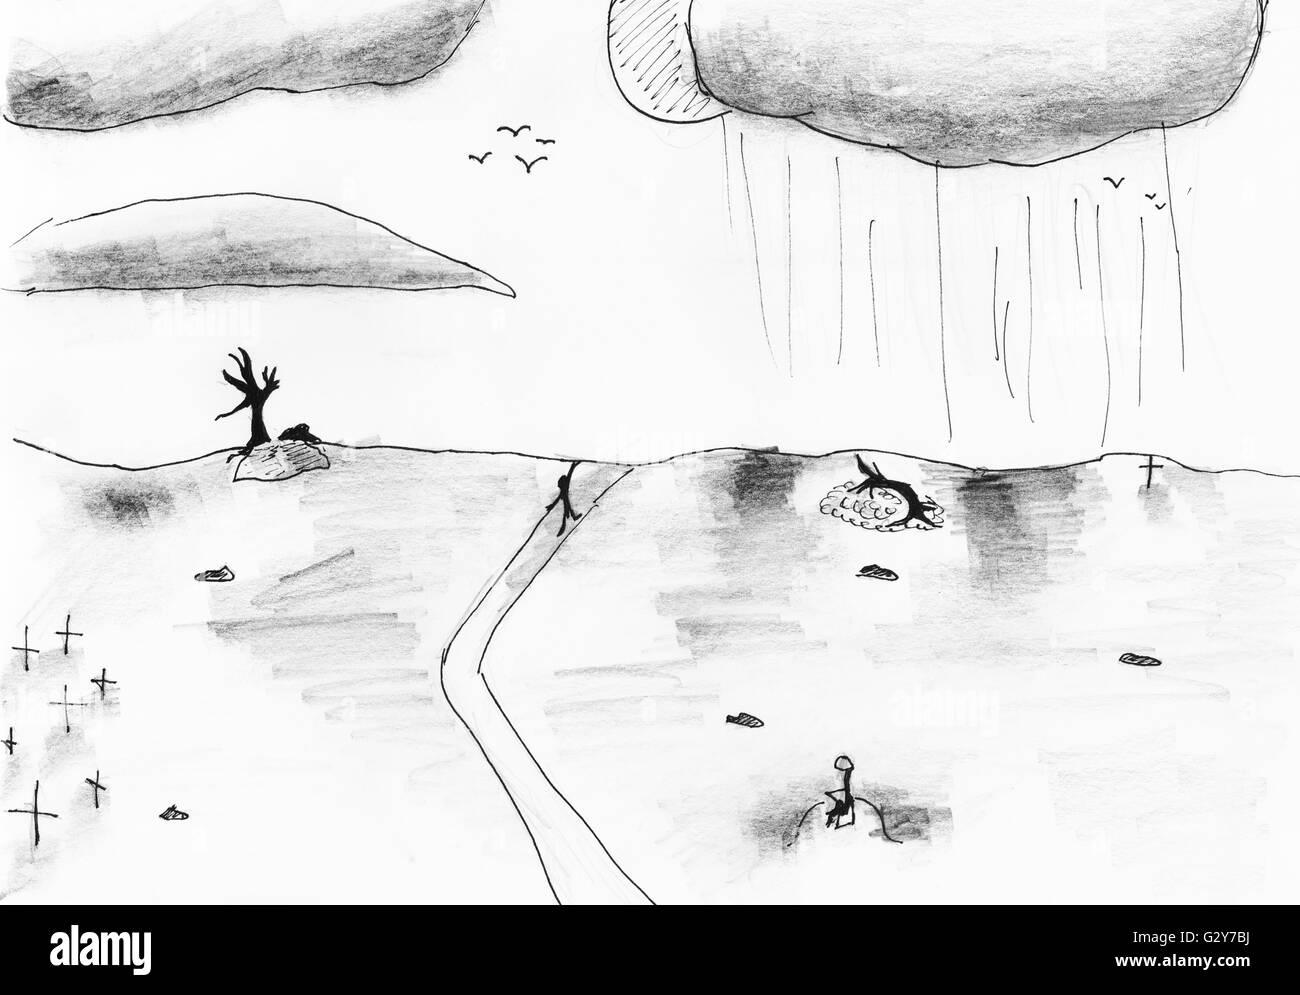 Dessin Denfant Noir Et Blanc Paysage De Terre Dévastée